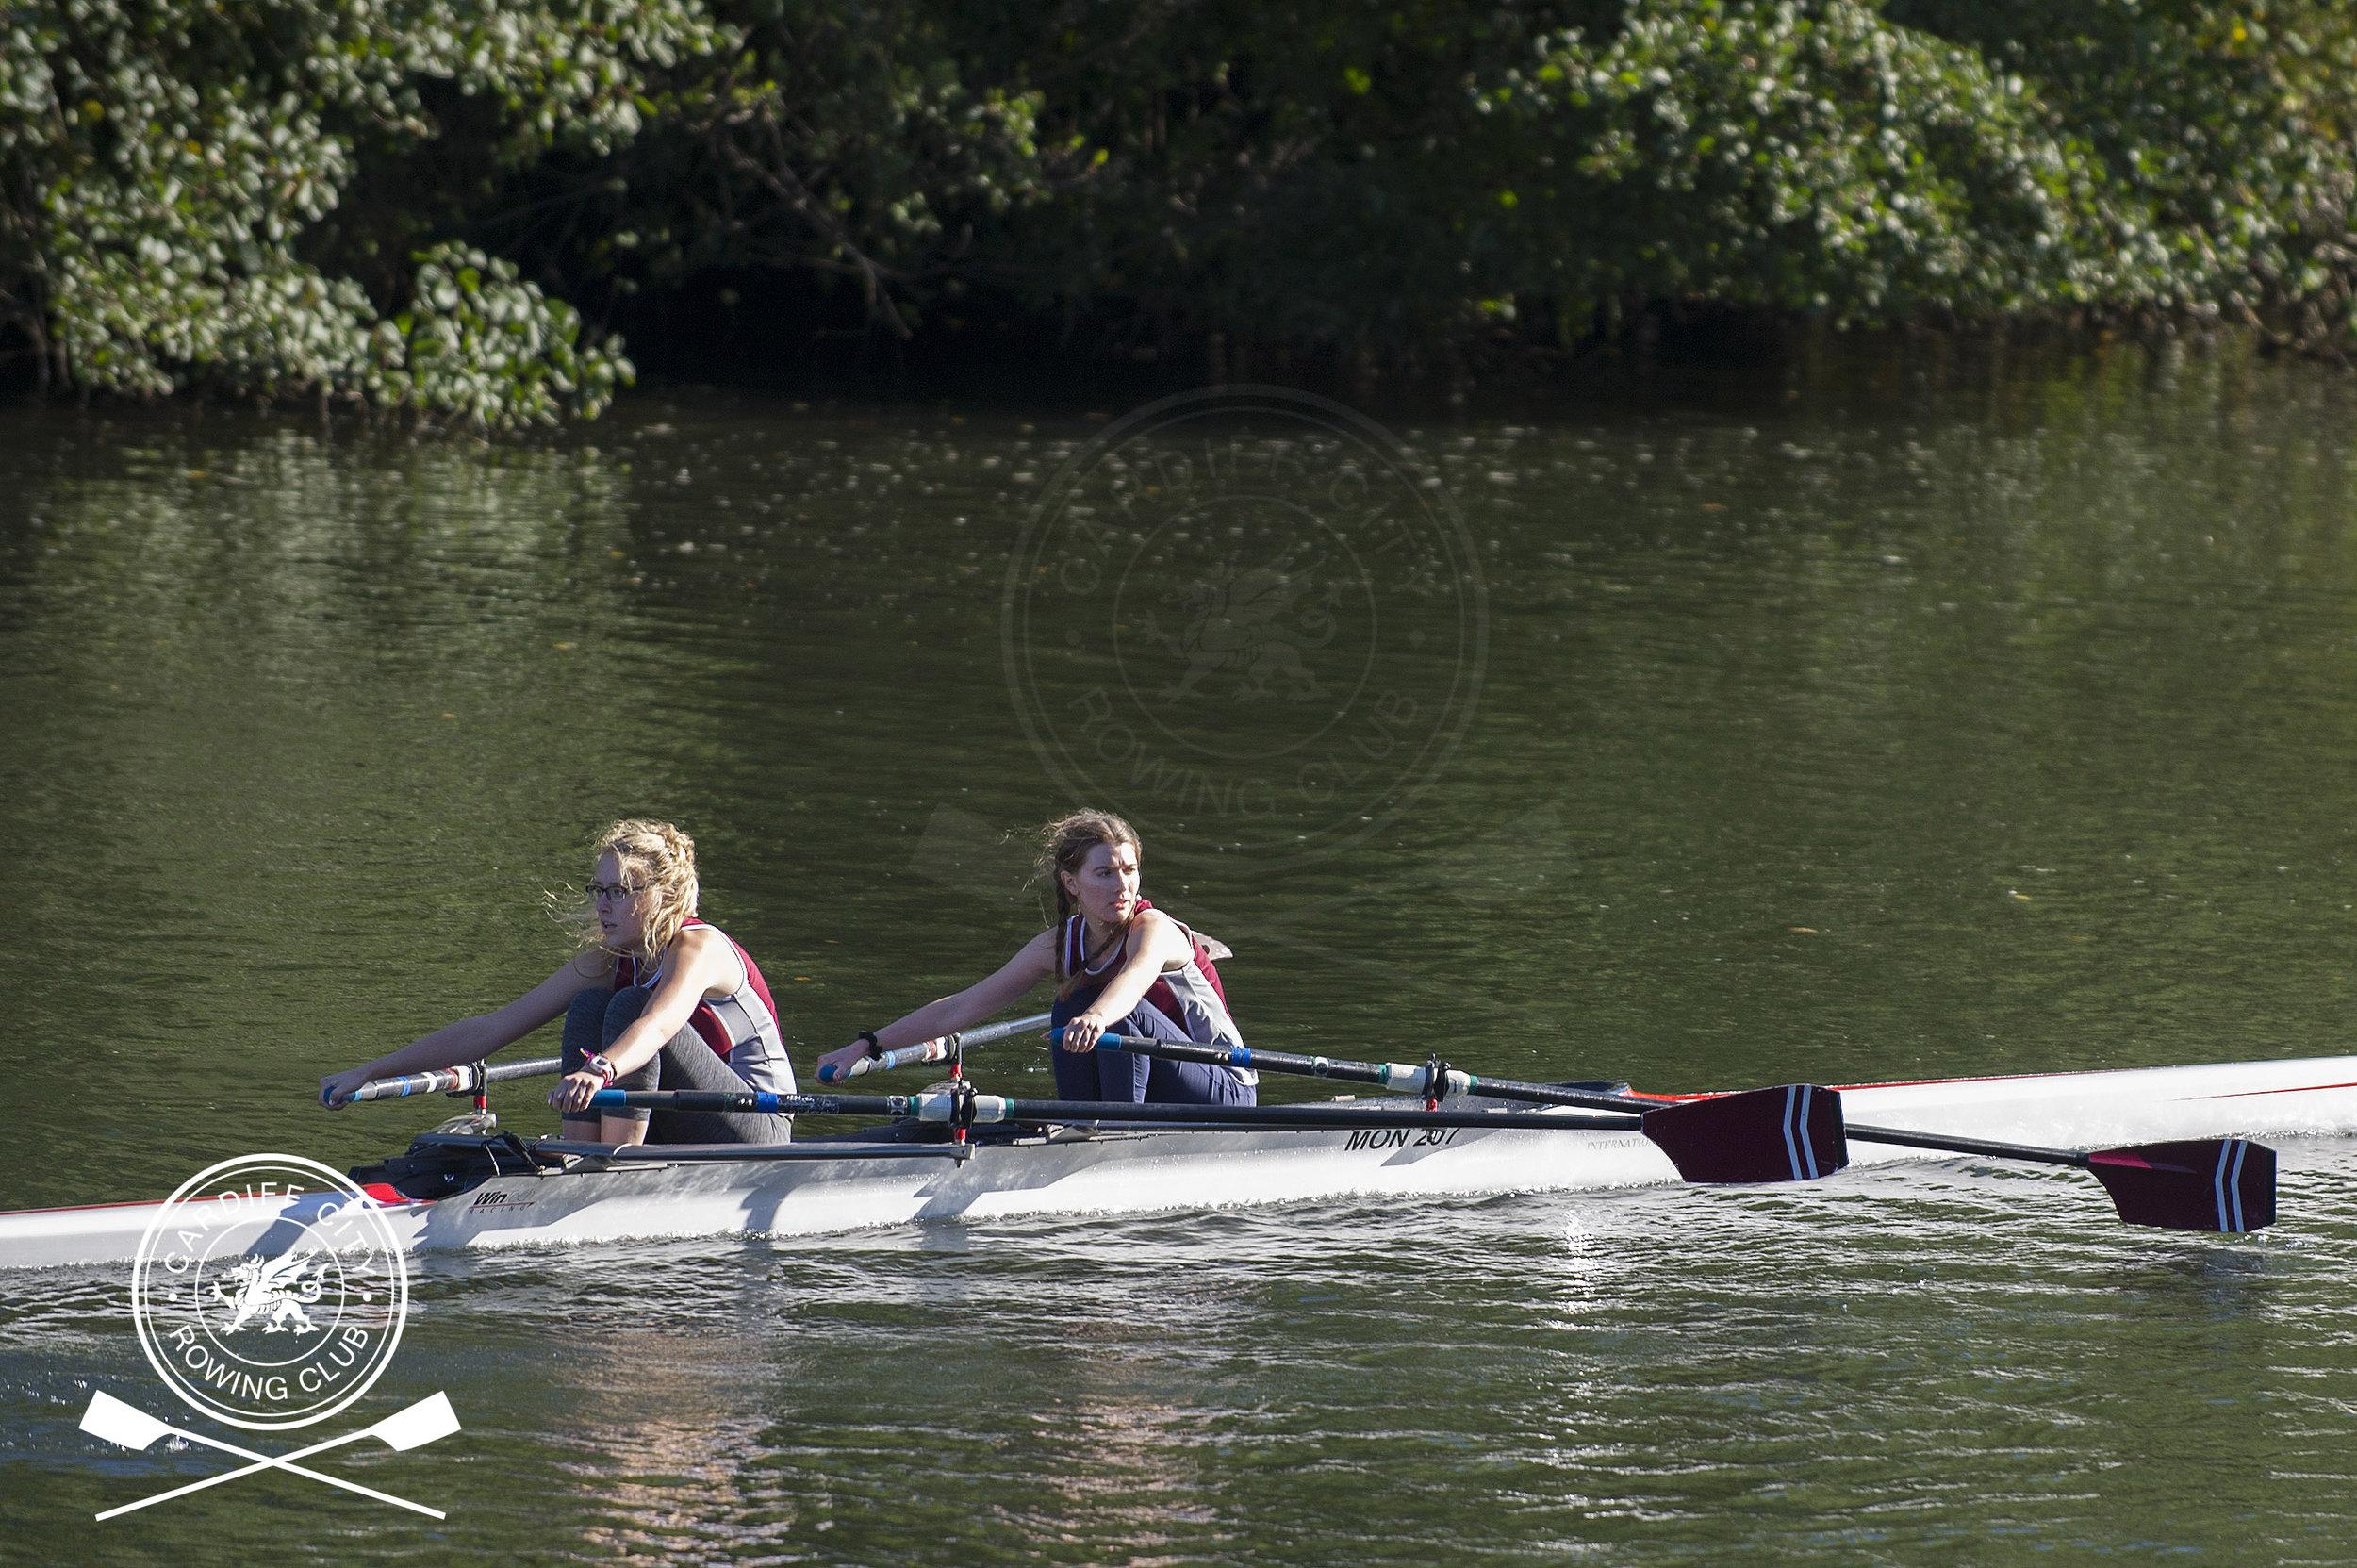 Cardiff_City_Head_Race_94.jpg